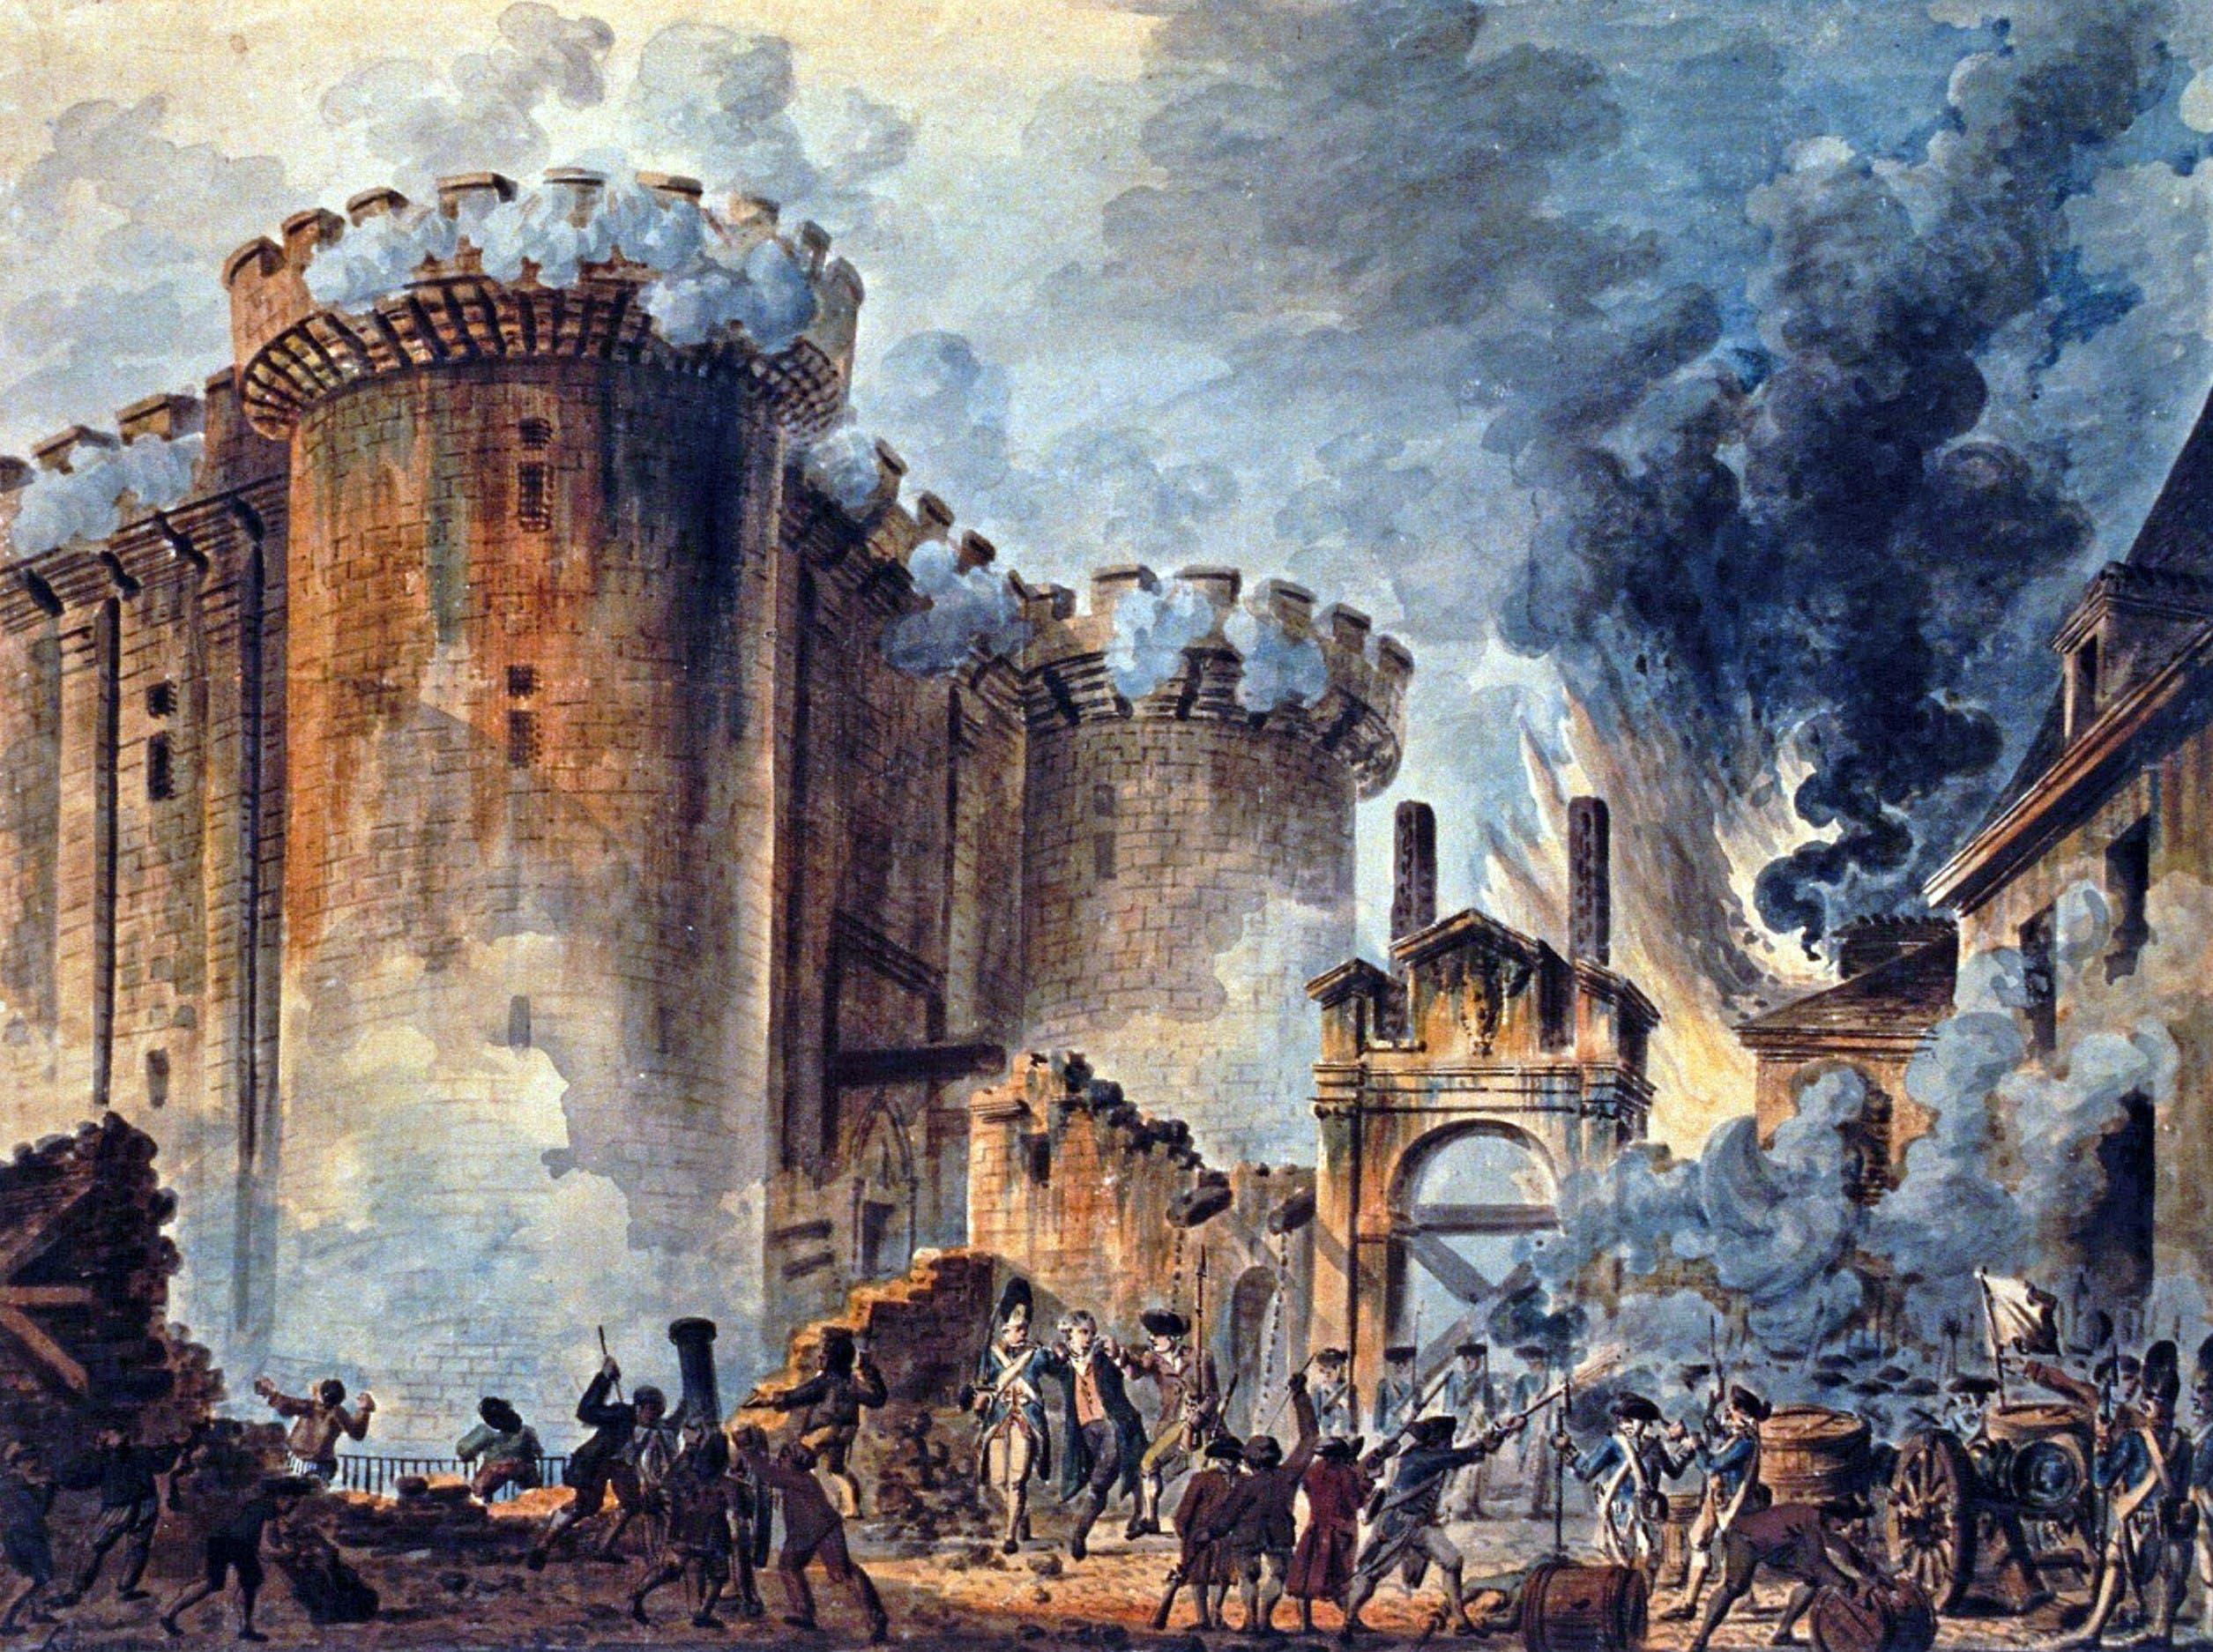 لوحة تجسد سقوط سجن الباستيل في قبضة أهالي باريس